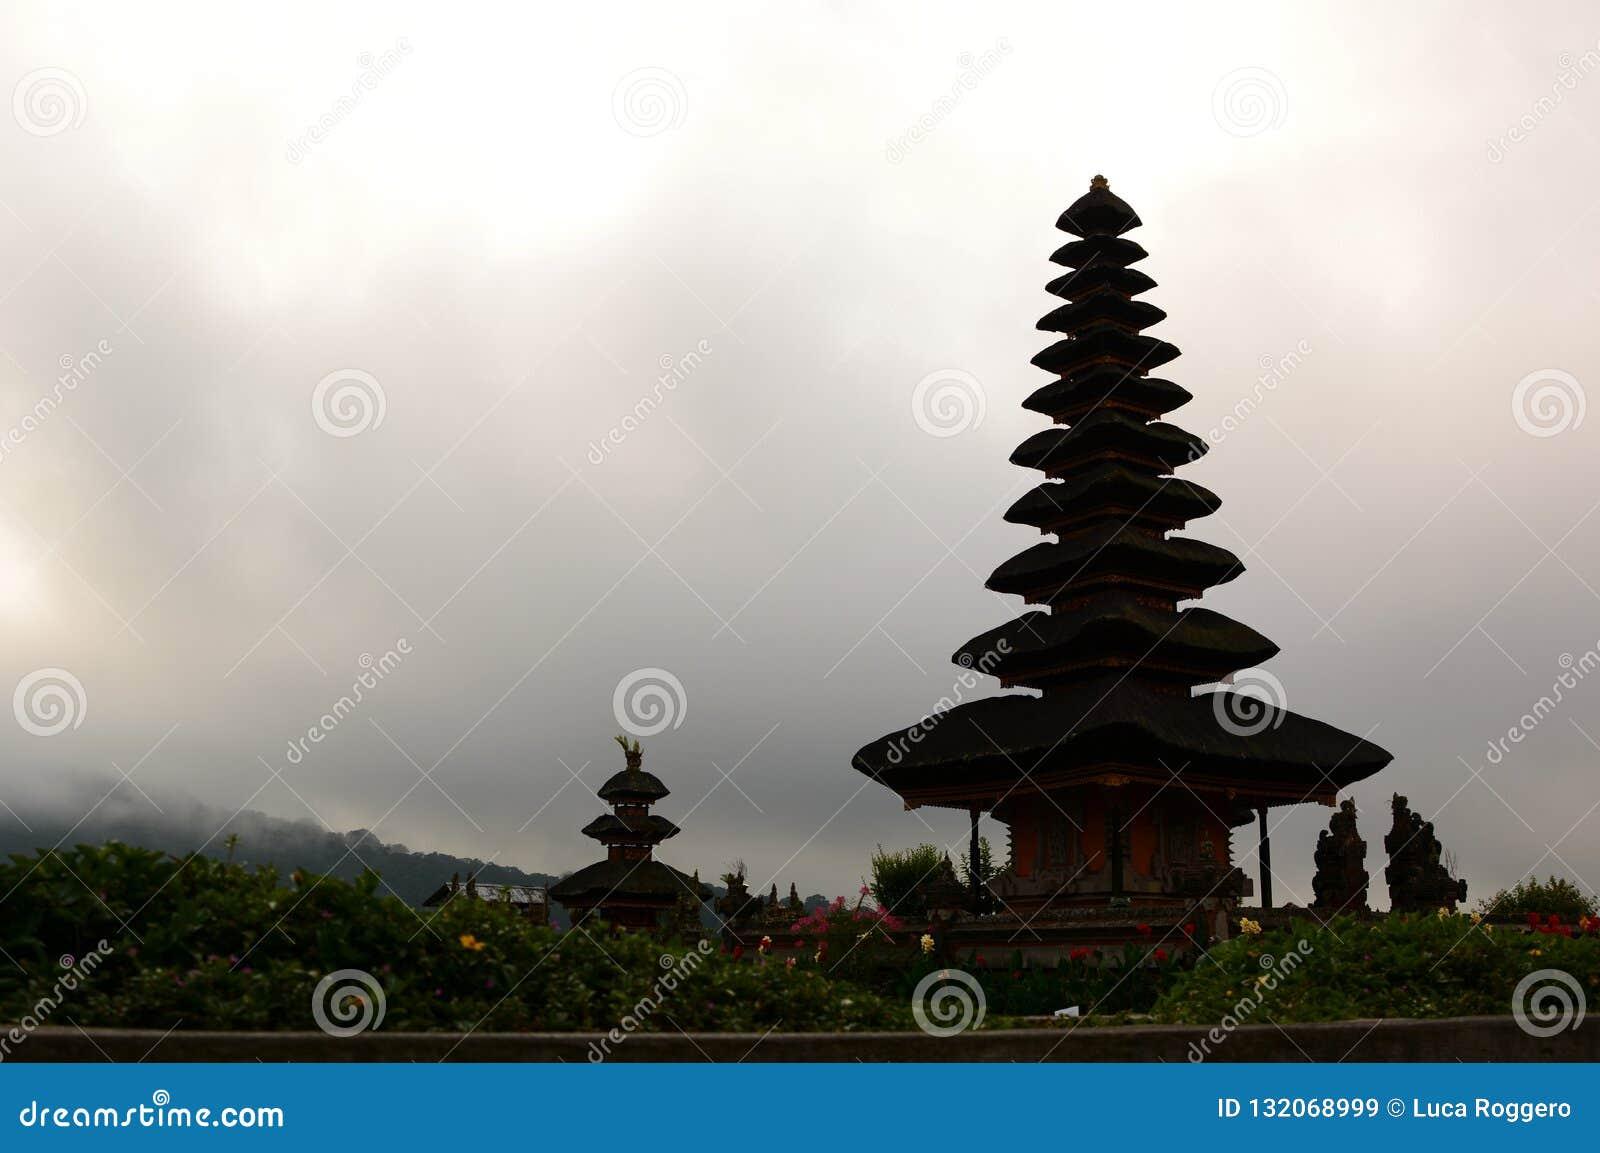 Pura Ulun Danu Bratan Silhouette Bedugul Bali Indonesia